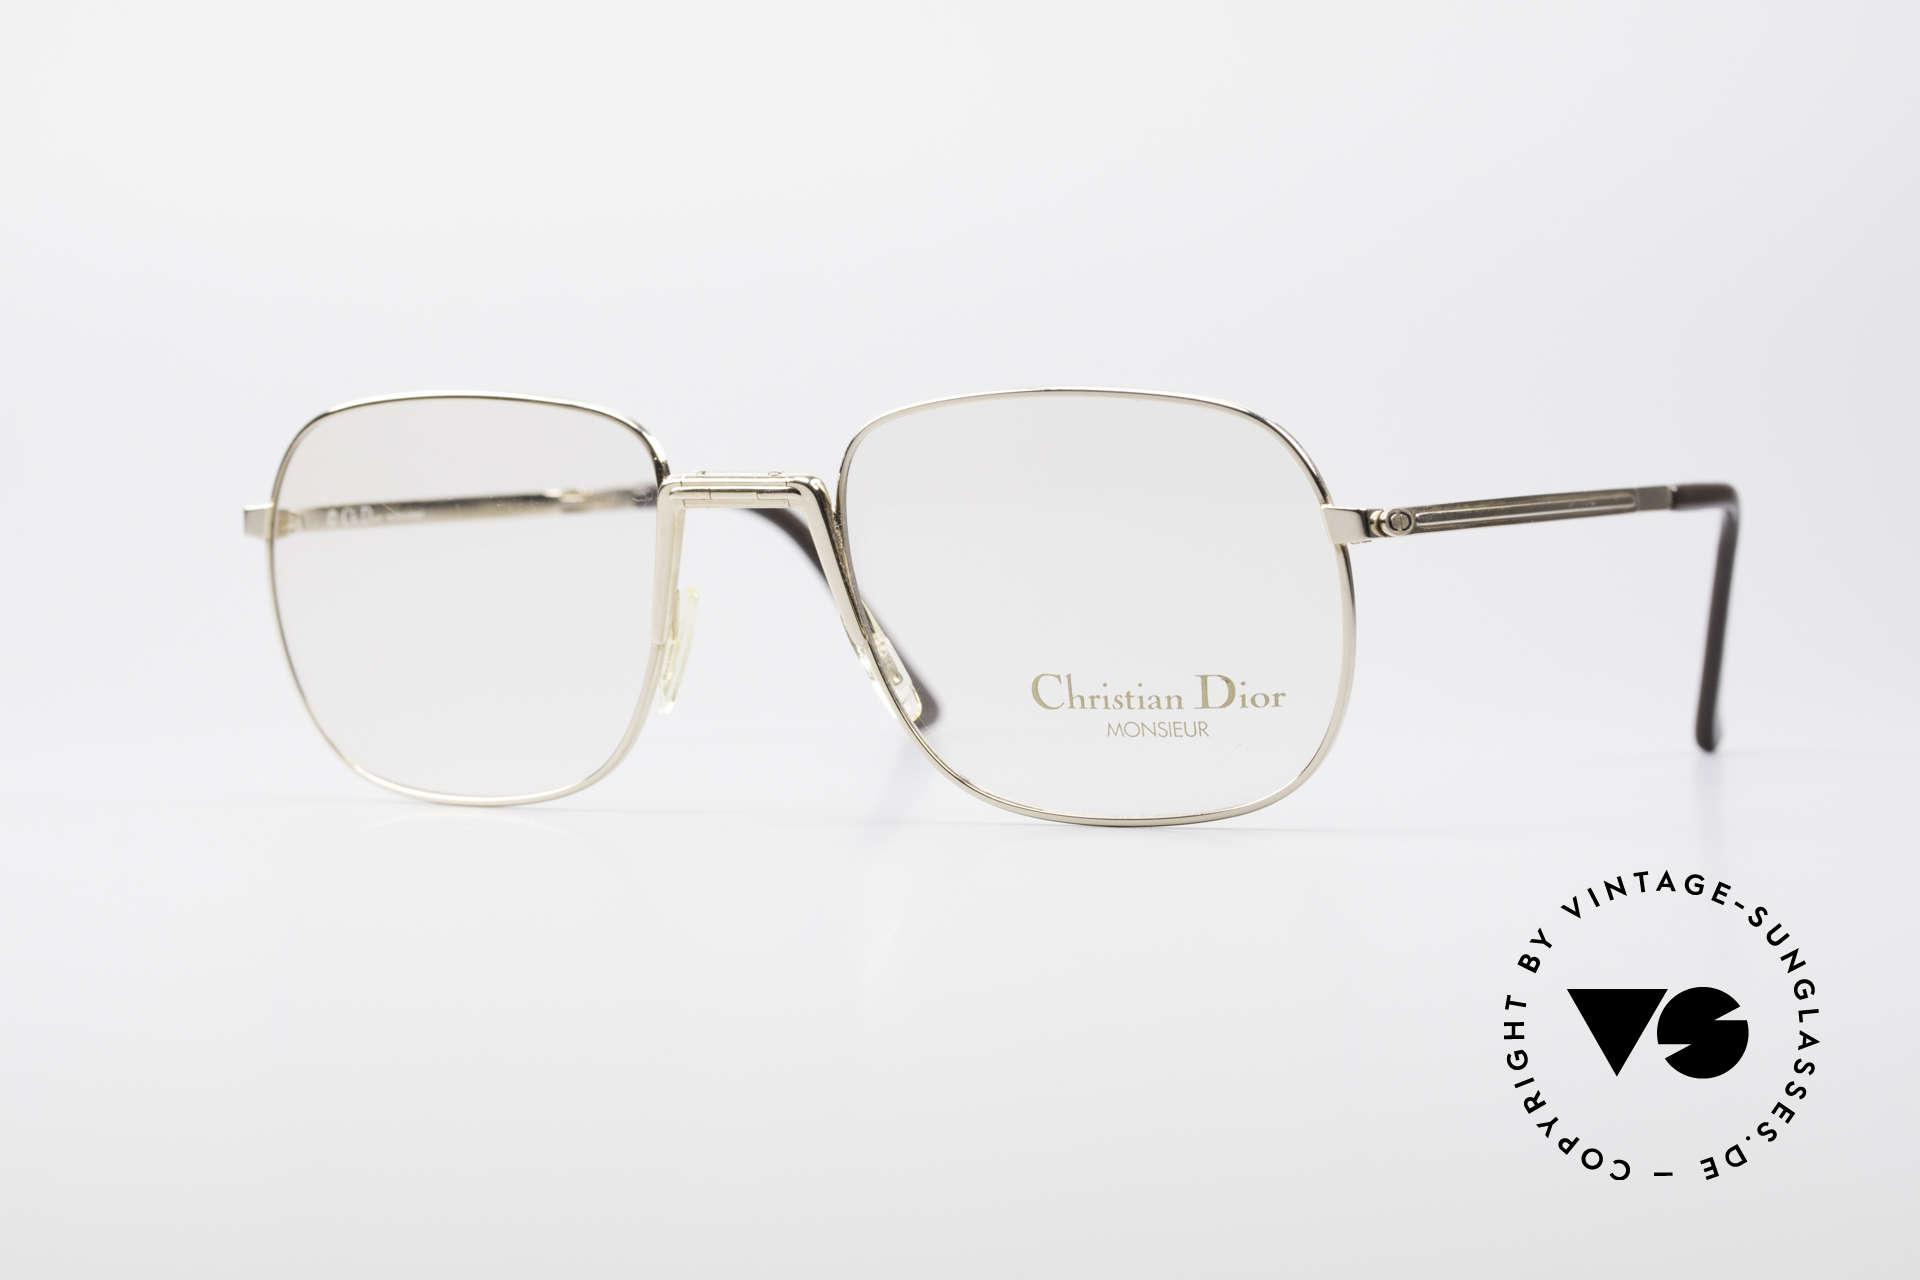 Christian Dior 2288 Monsieur Folding Eyeglasses, unique 1980's designer eyeglasses by Christian DIOR, Made for Men